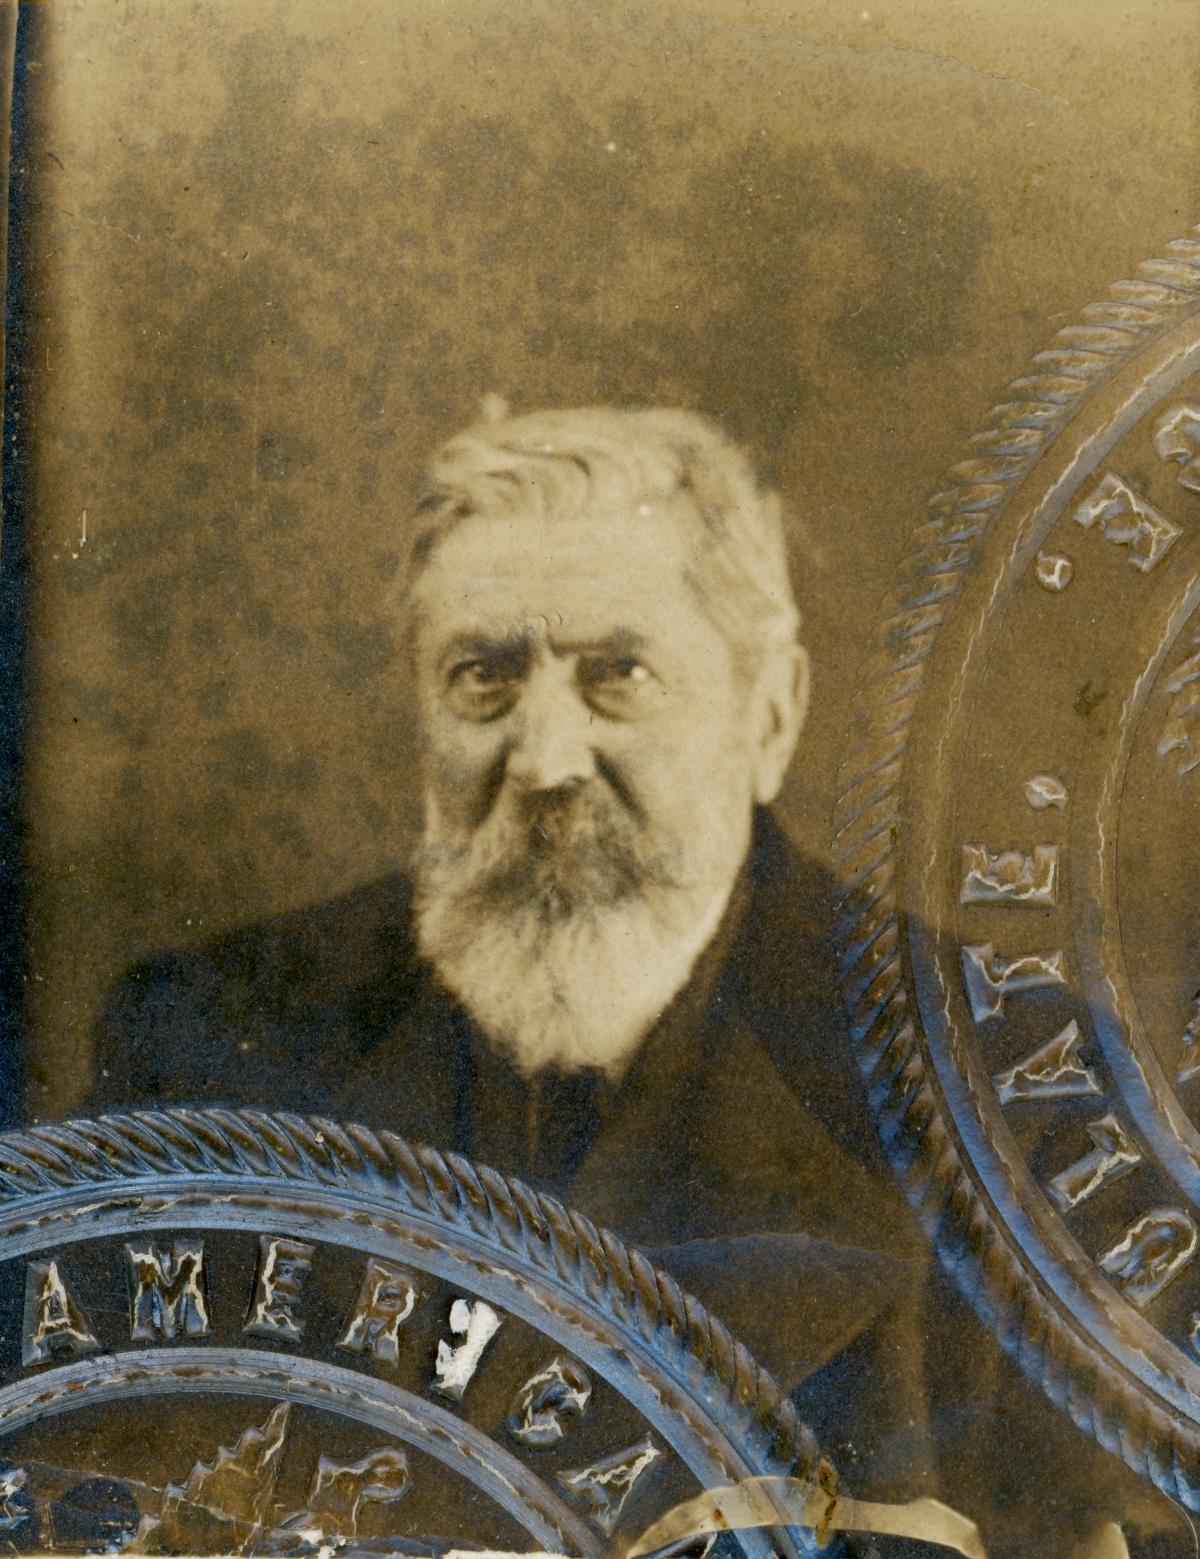 Passport photo of vintner Emile DuBois.